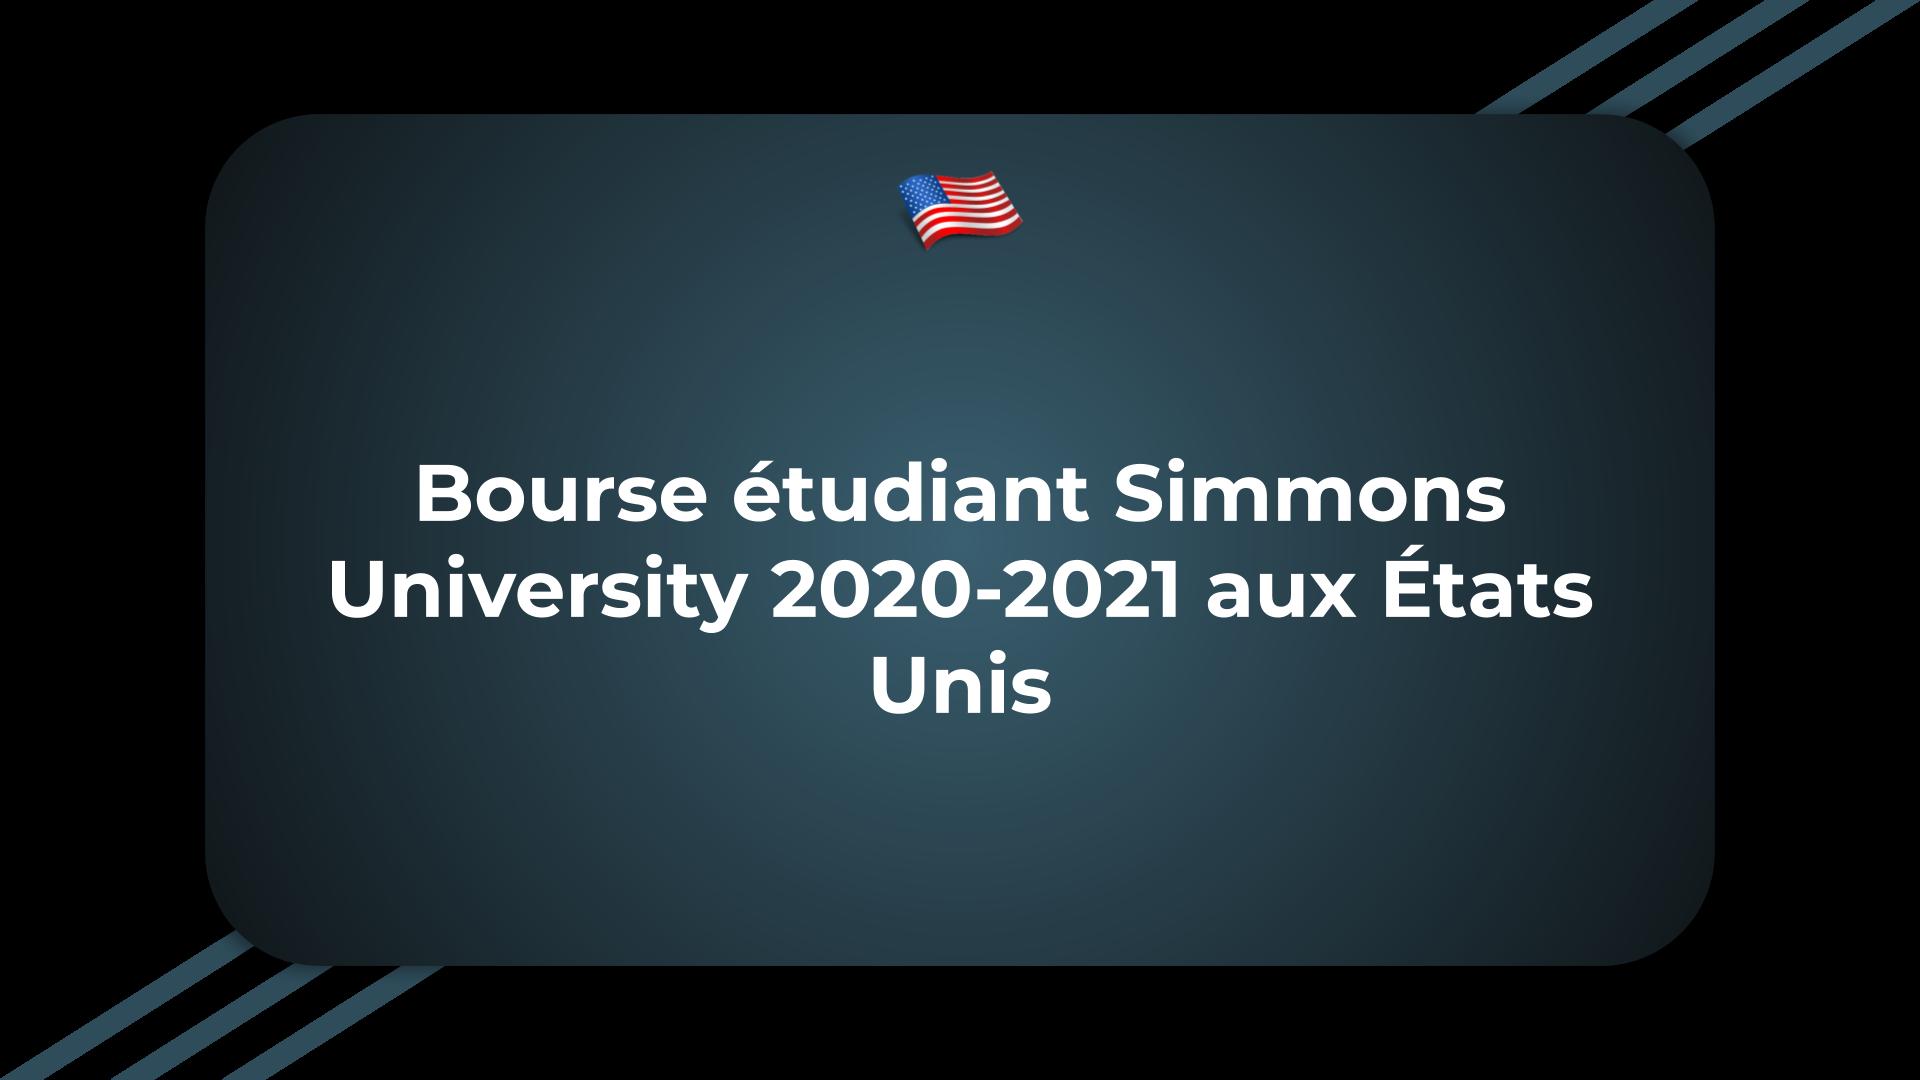 Bourse étudiant Simmons University